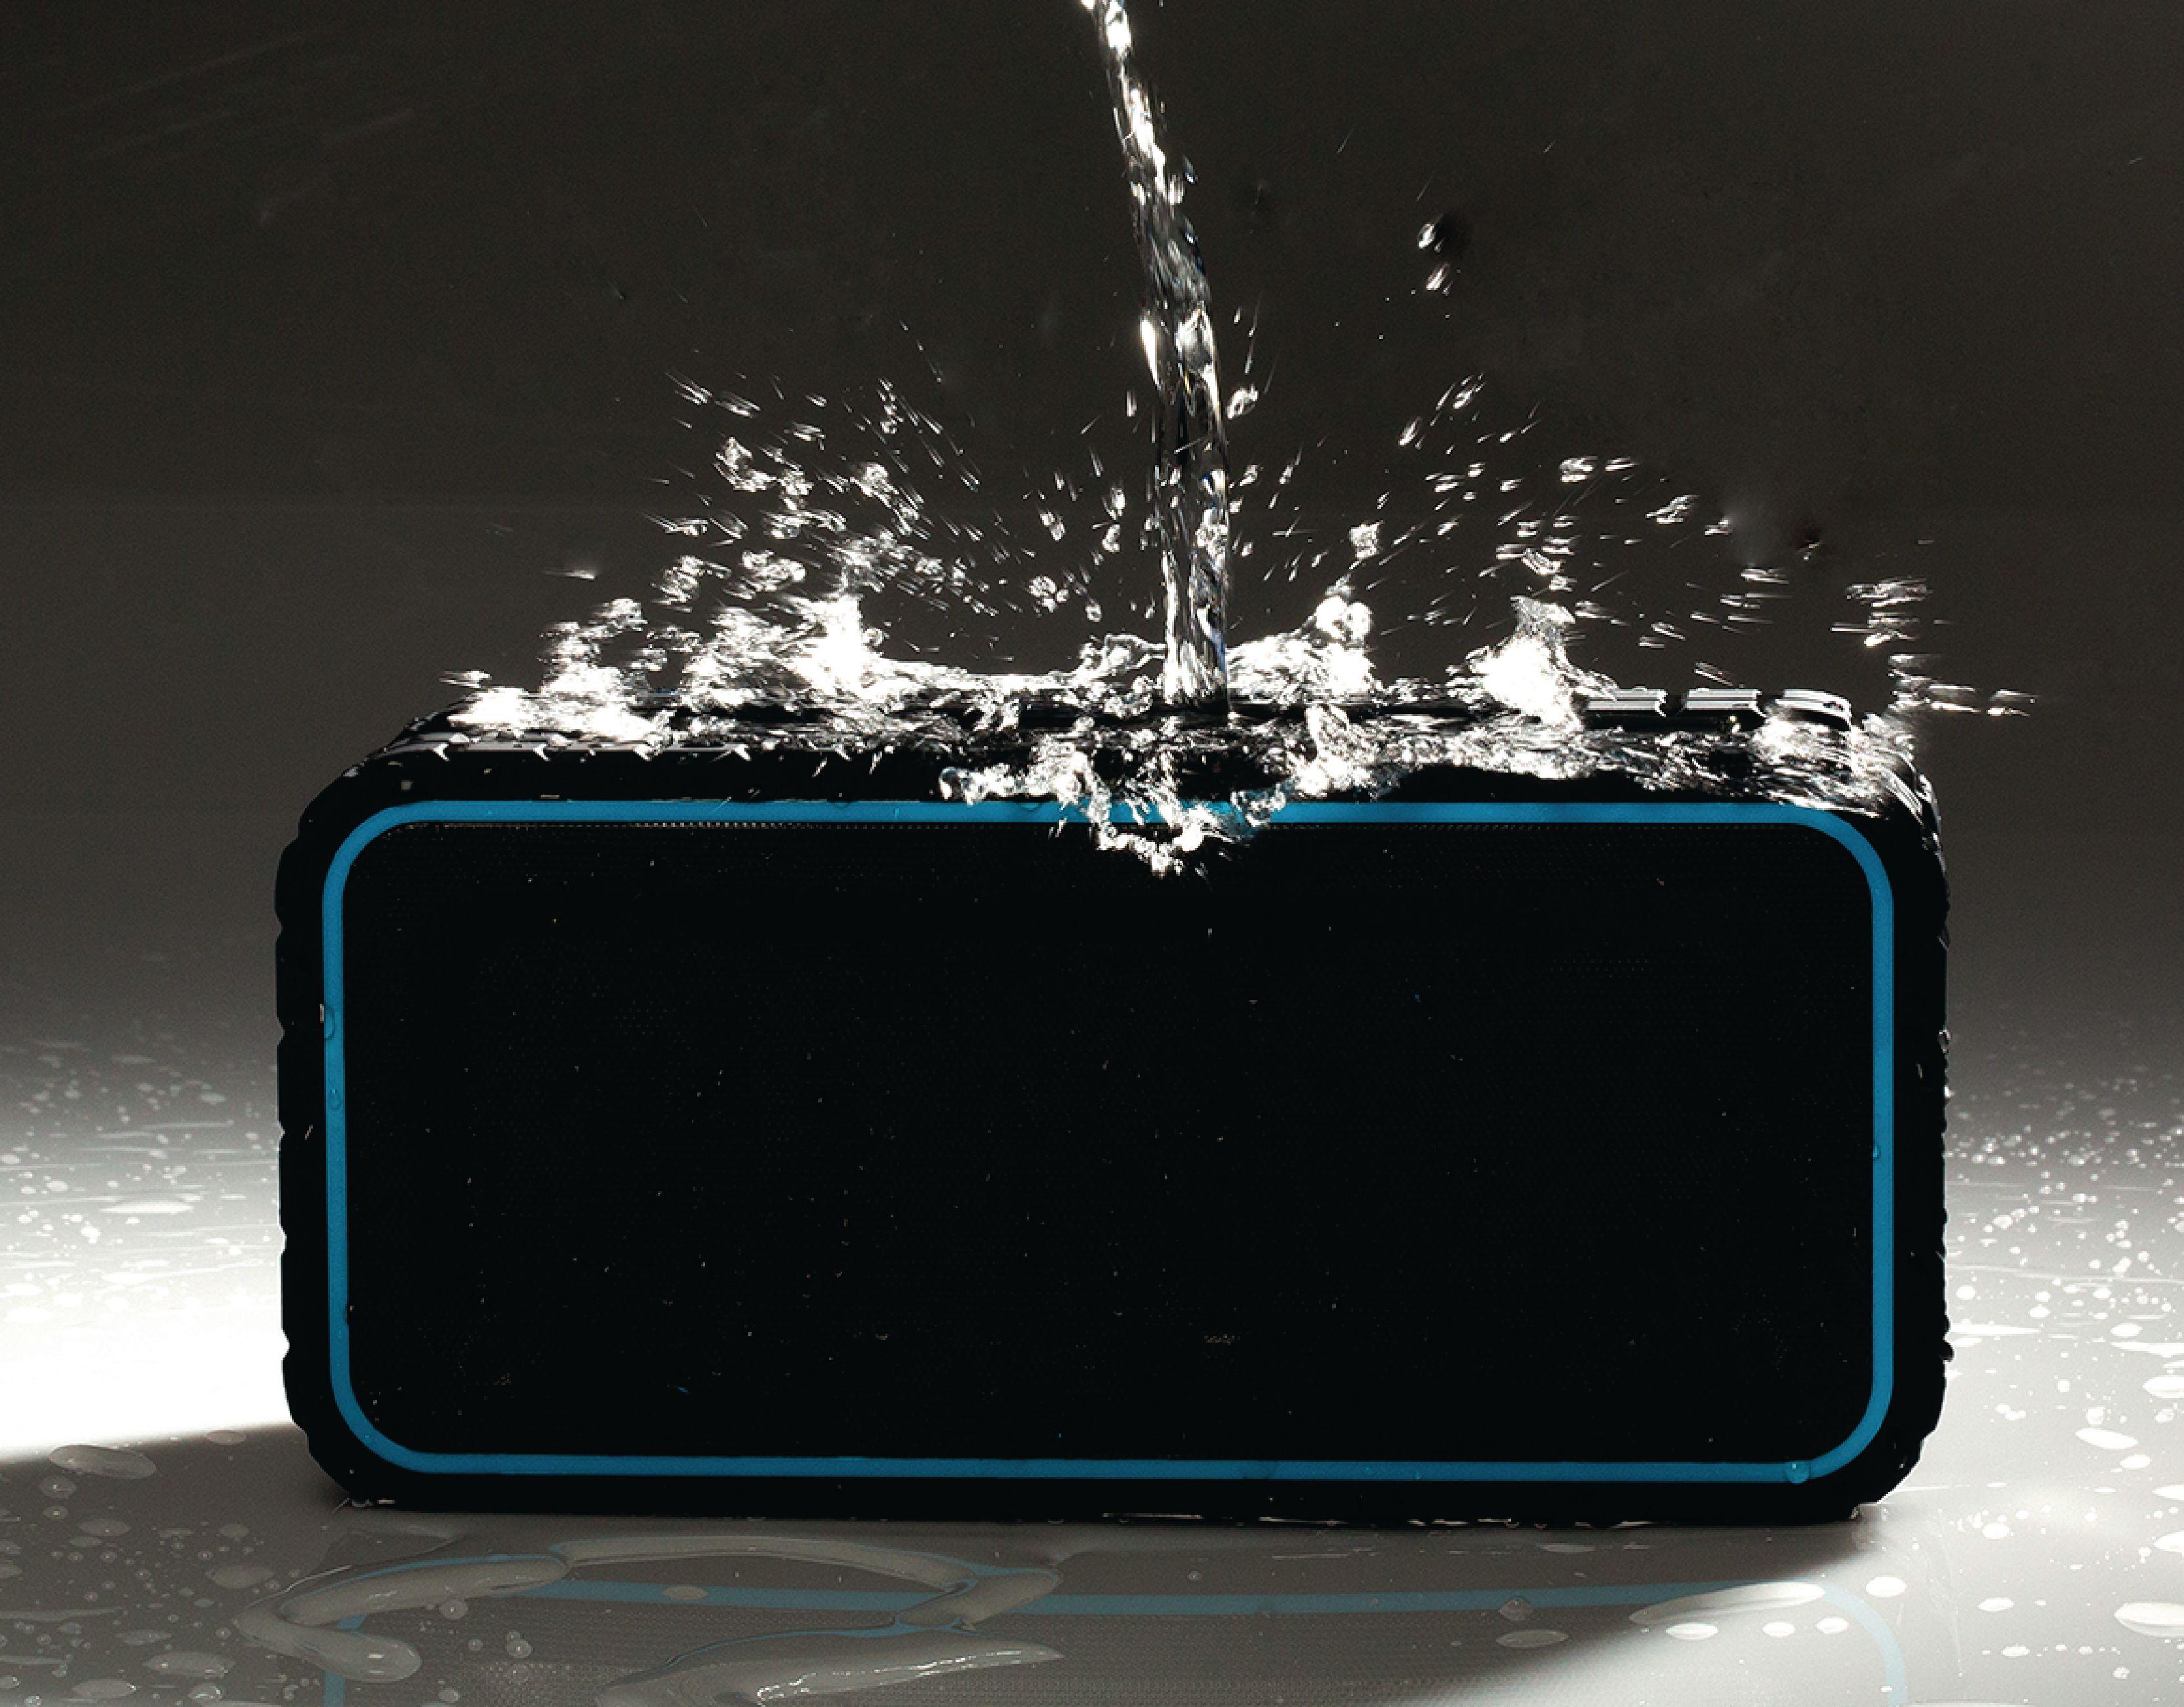 Sweex Explorer voděodolný Bluetooth reproduktor 12 W, NFC, 4400mAh, AVSP5200-07